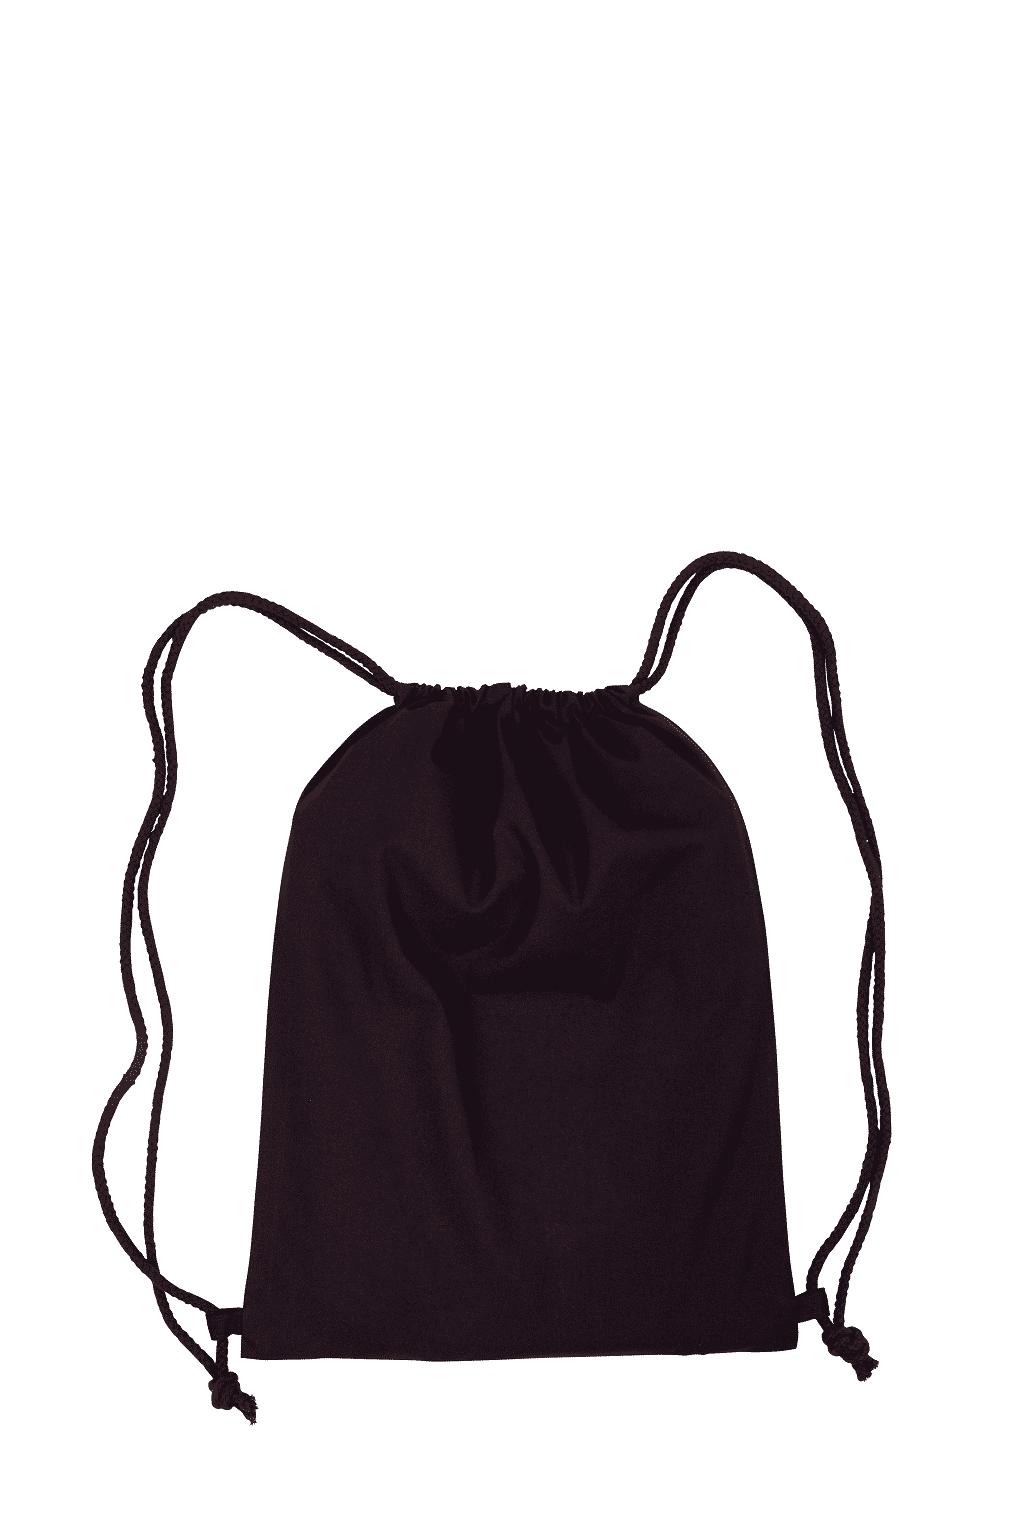 schwarzer Beutel